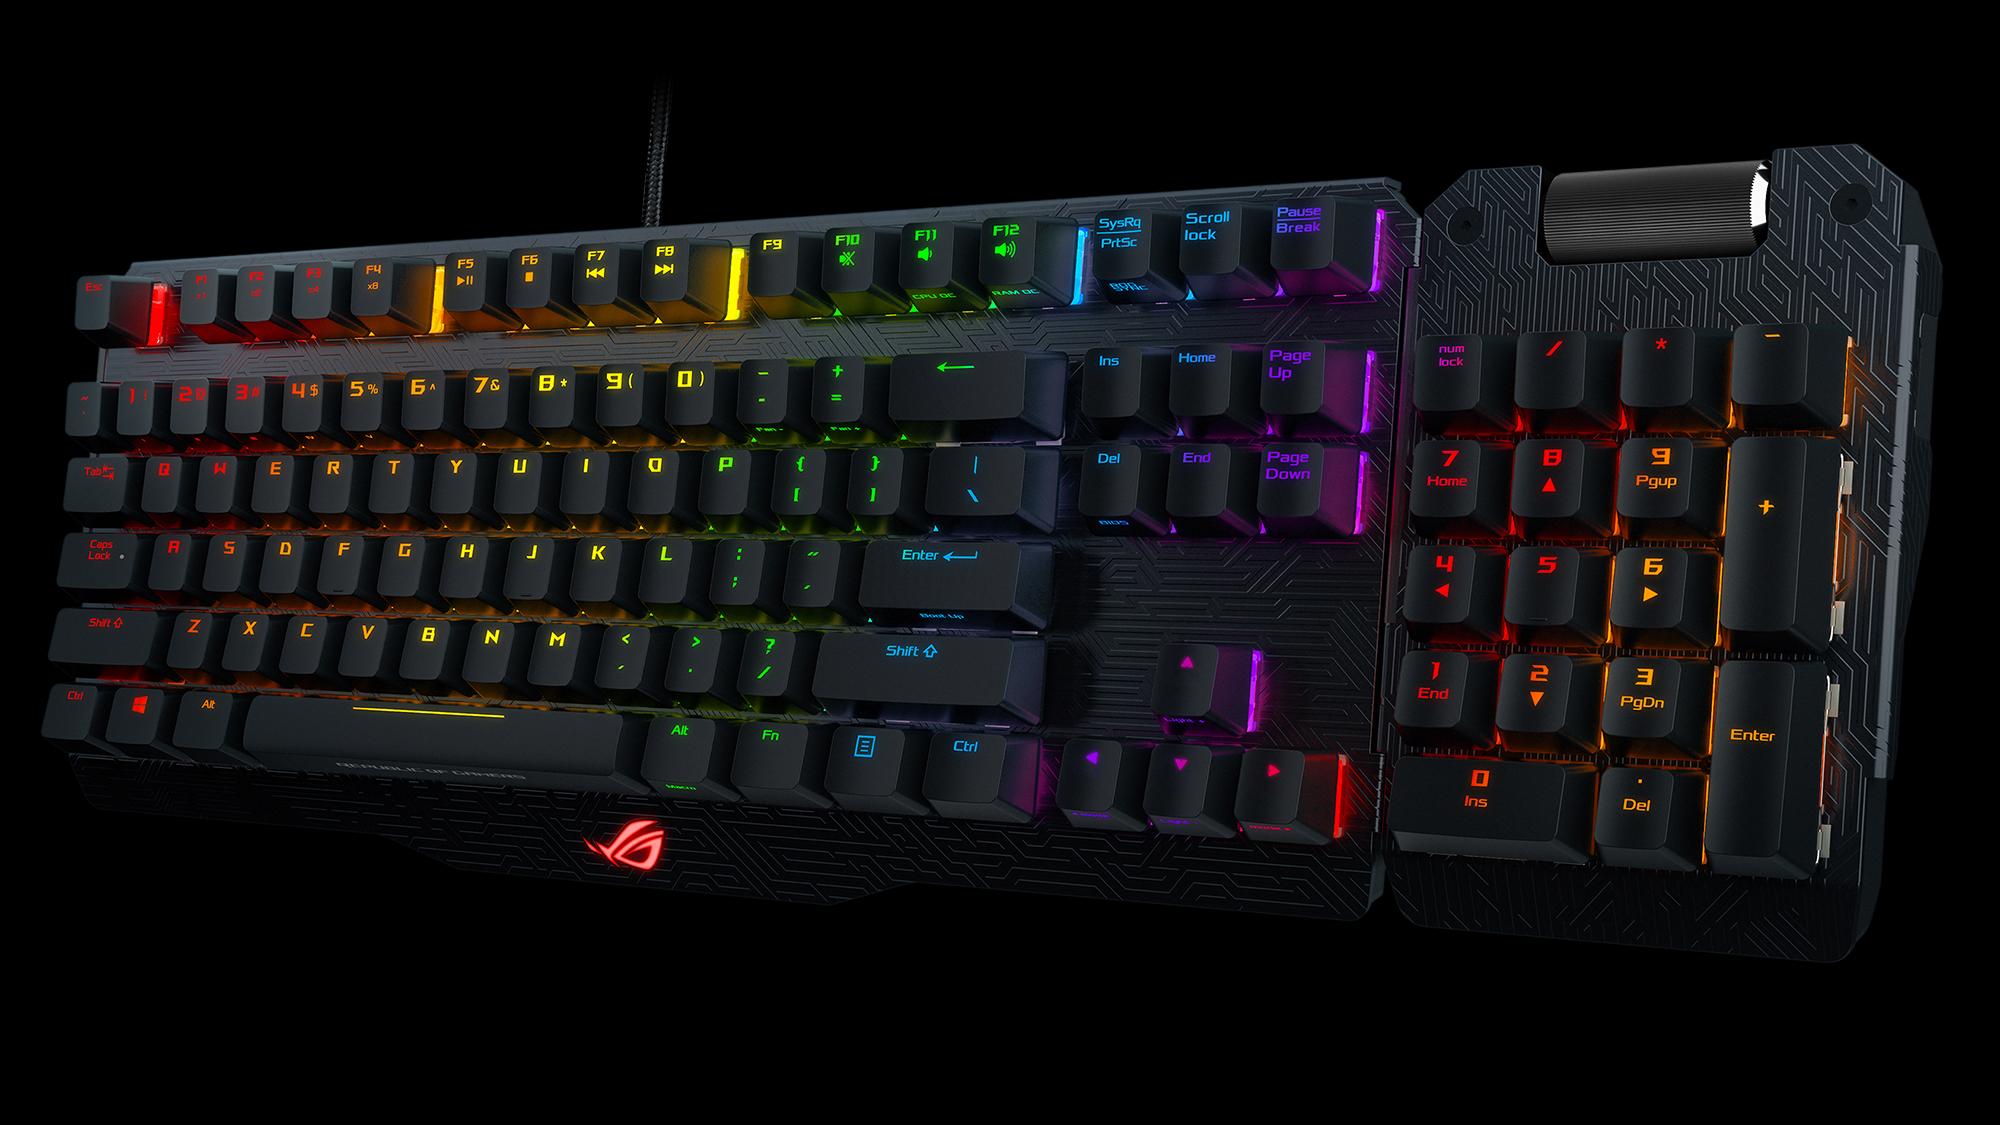 $160 Keyboards: Asus Claymore Versus Corsair K70 RGB LUX